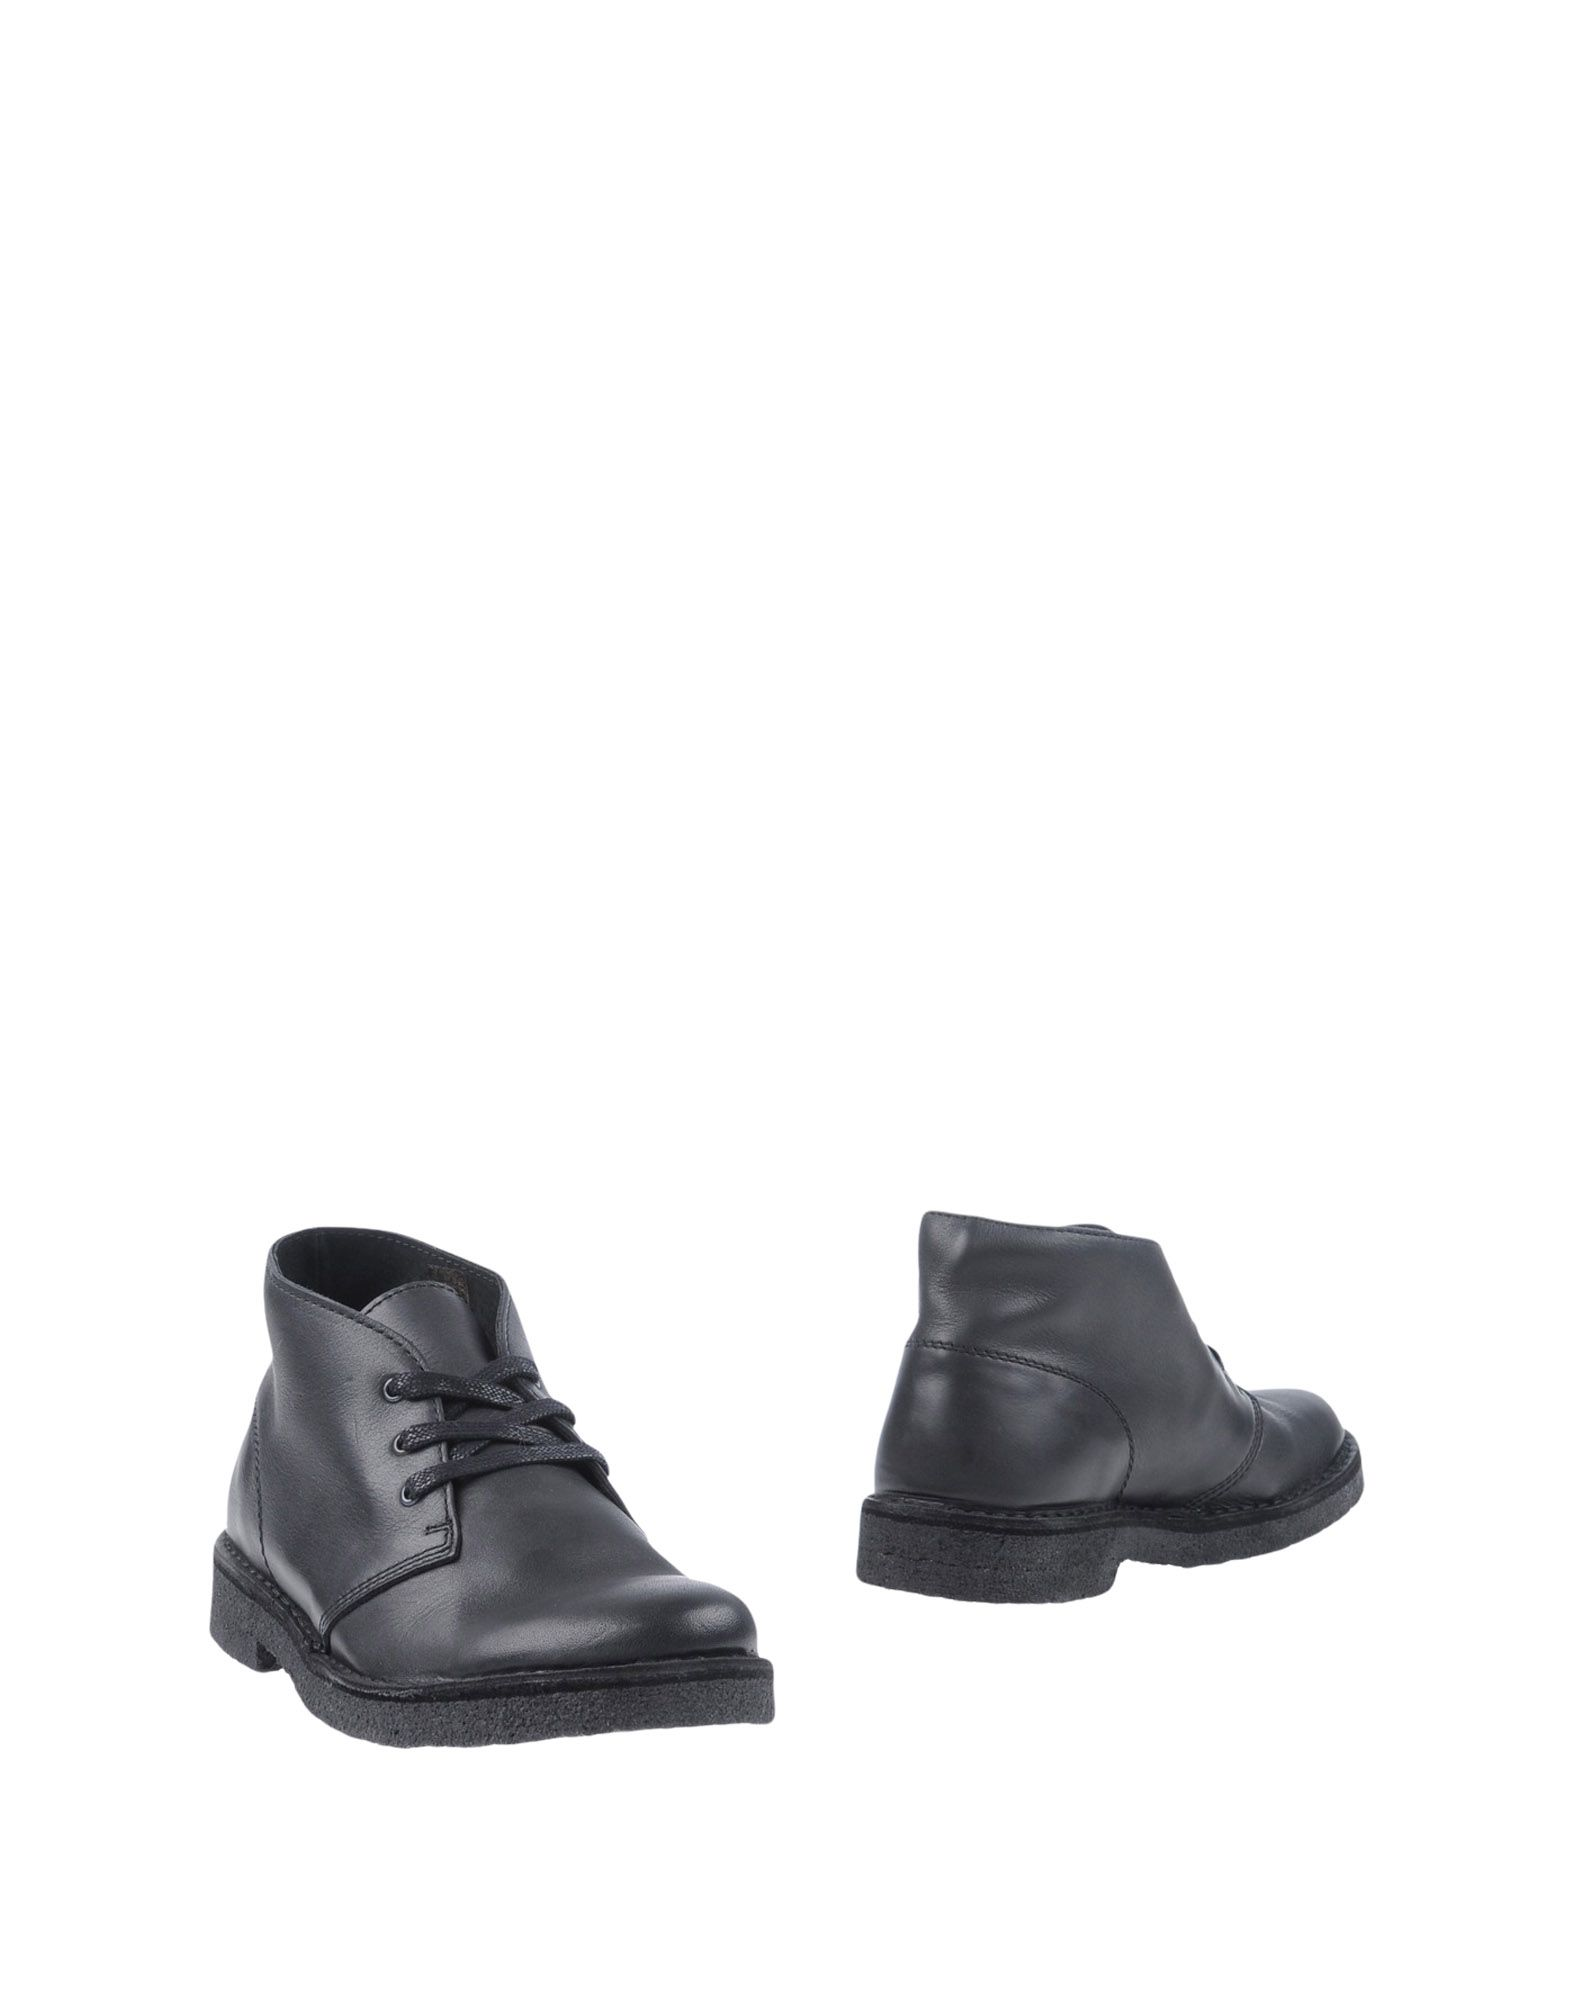 woden сандалии black leo модель 259538131 WODEN Полусапоги и высокие ботинки